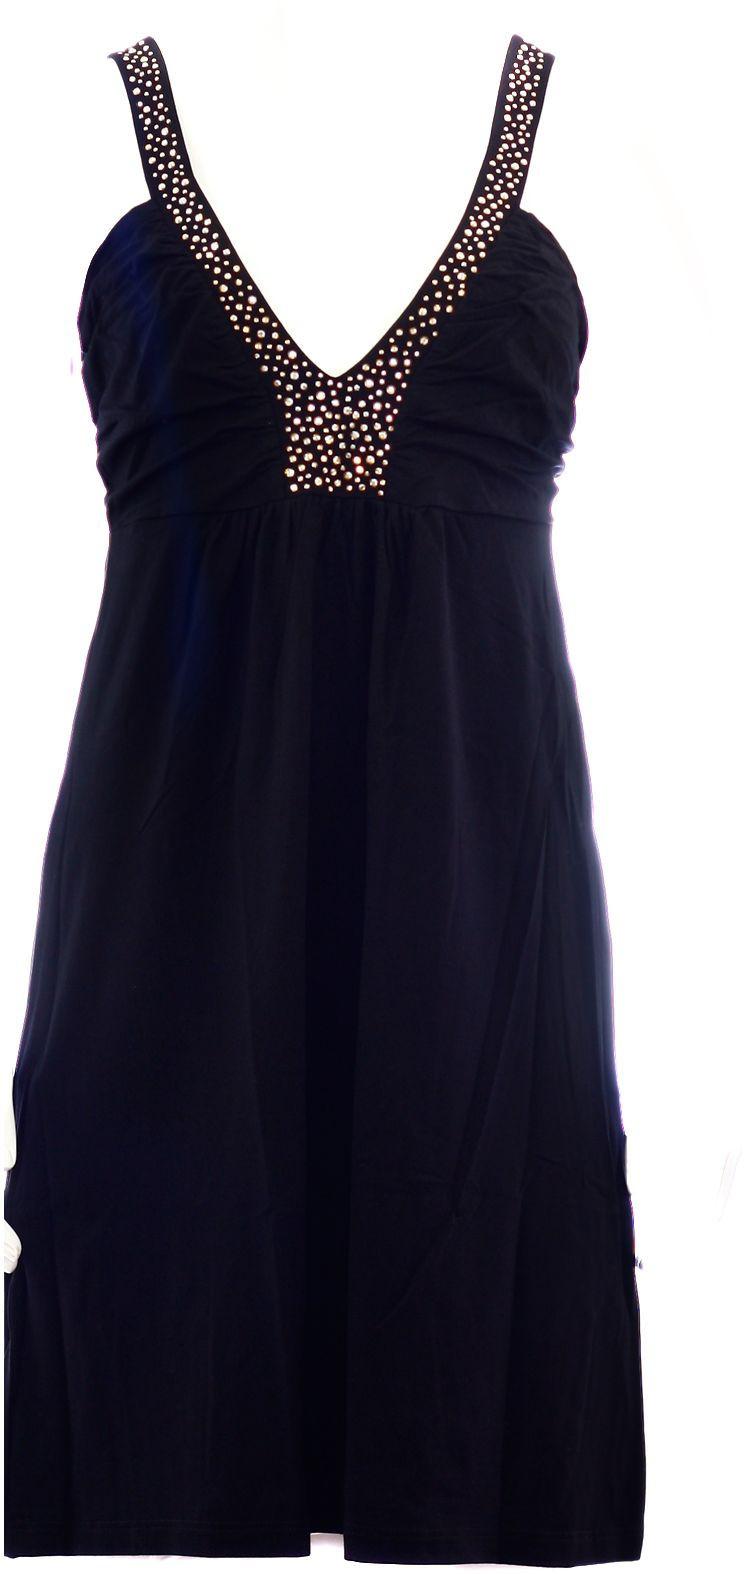 Dámské šaty Lotty šat - Favab Barva: černá, Velikost: M